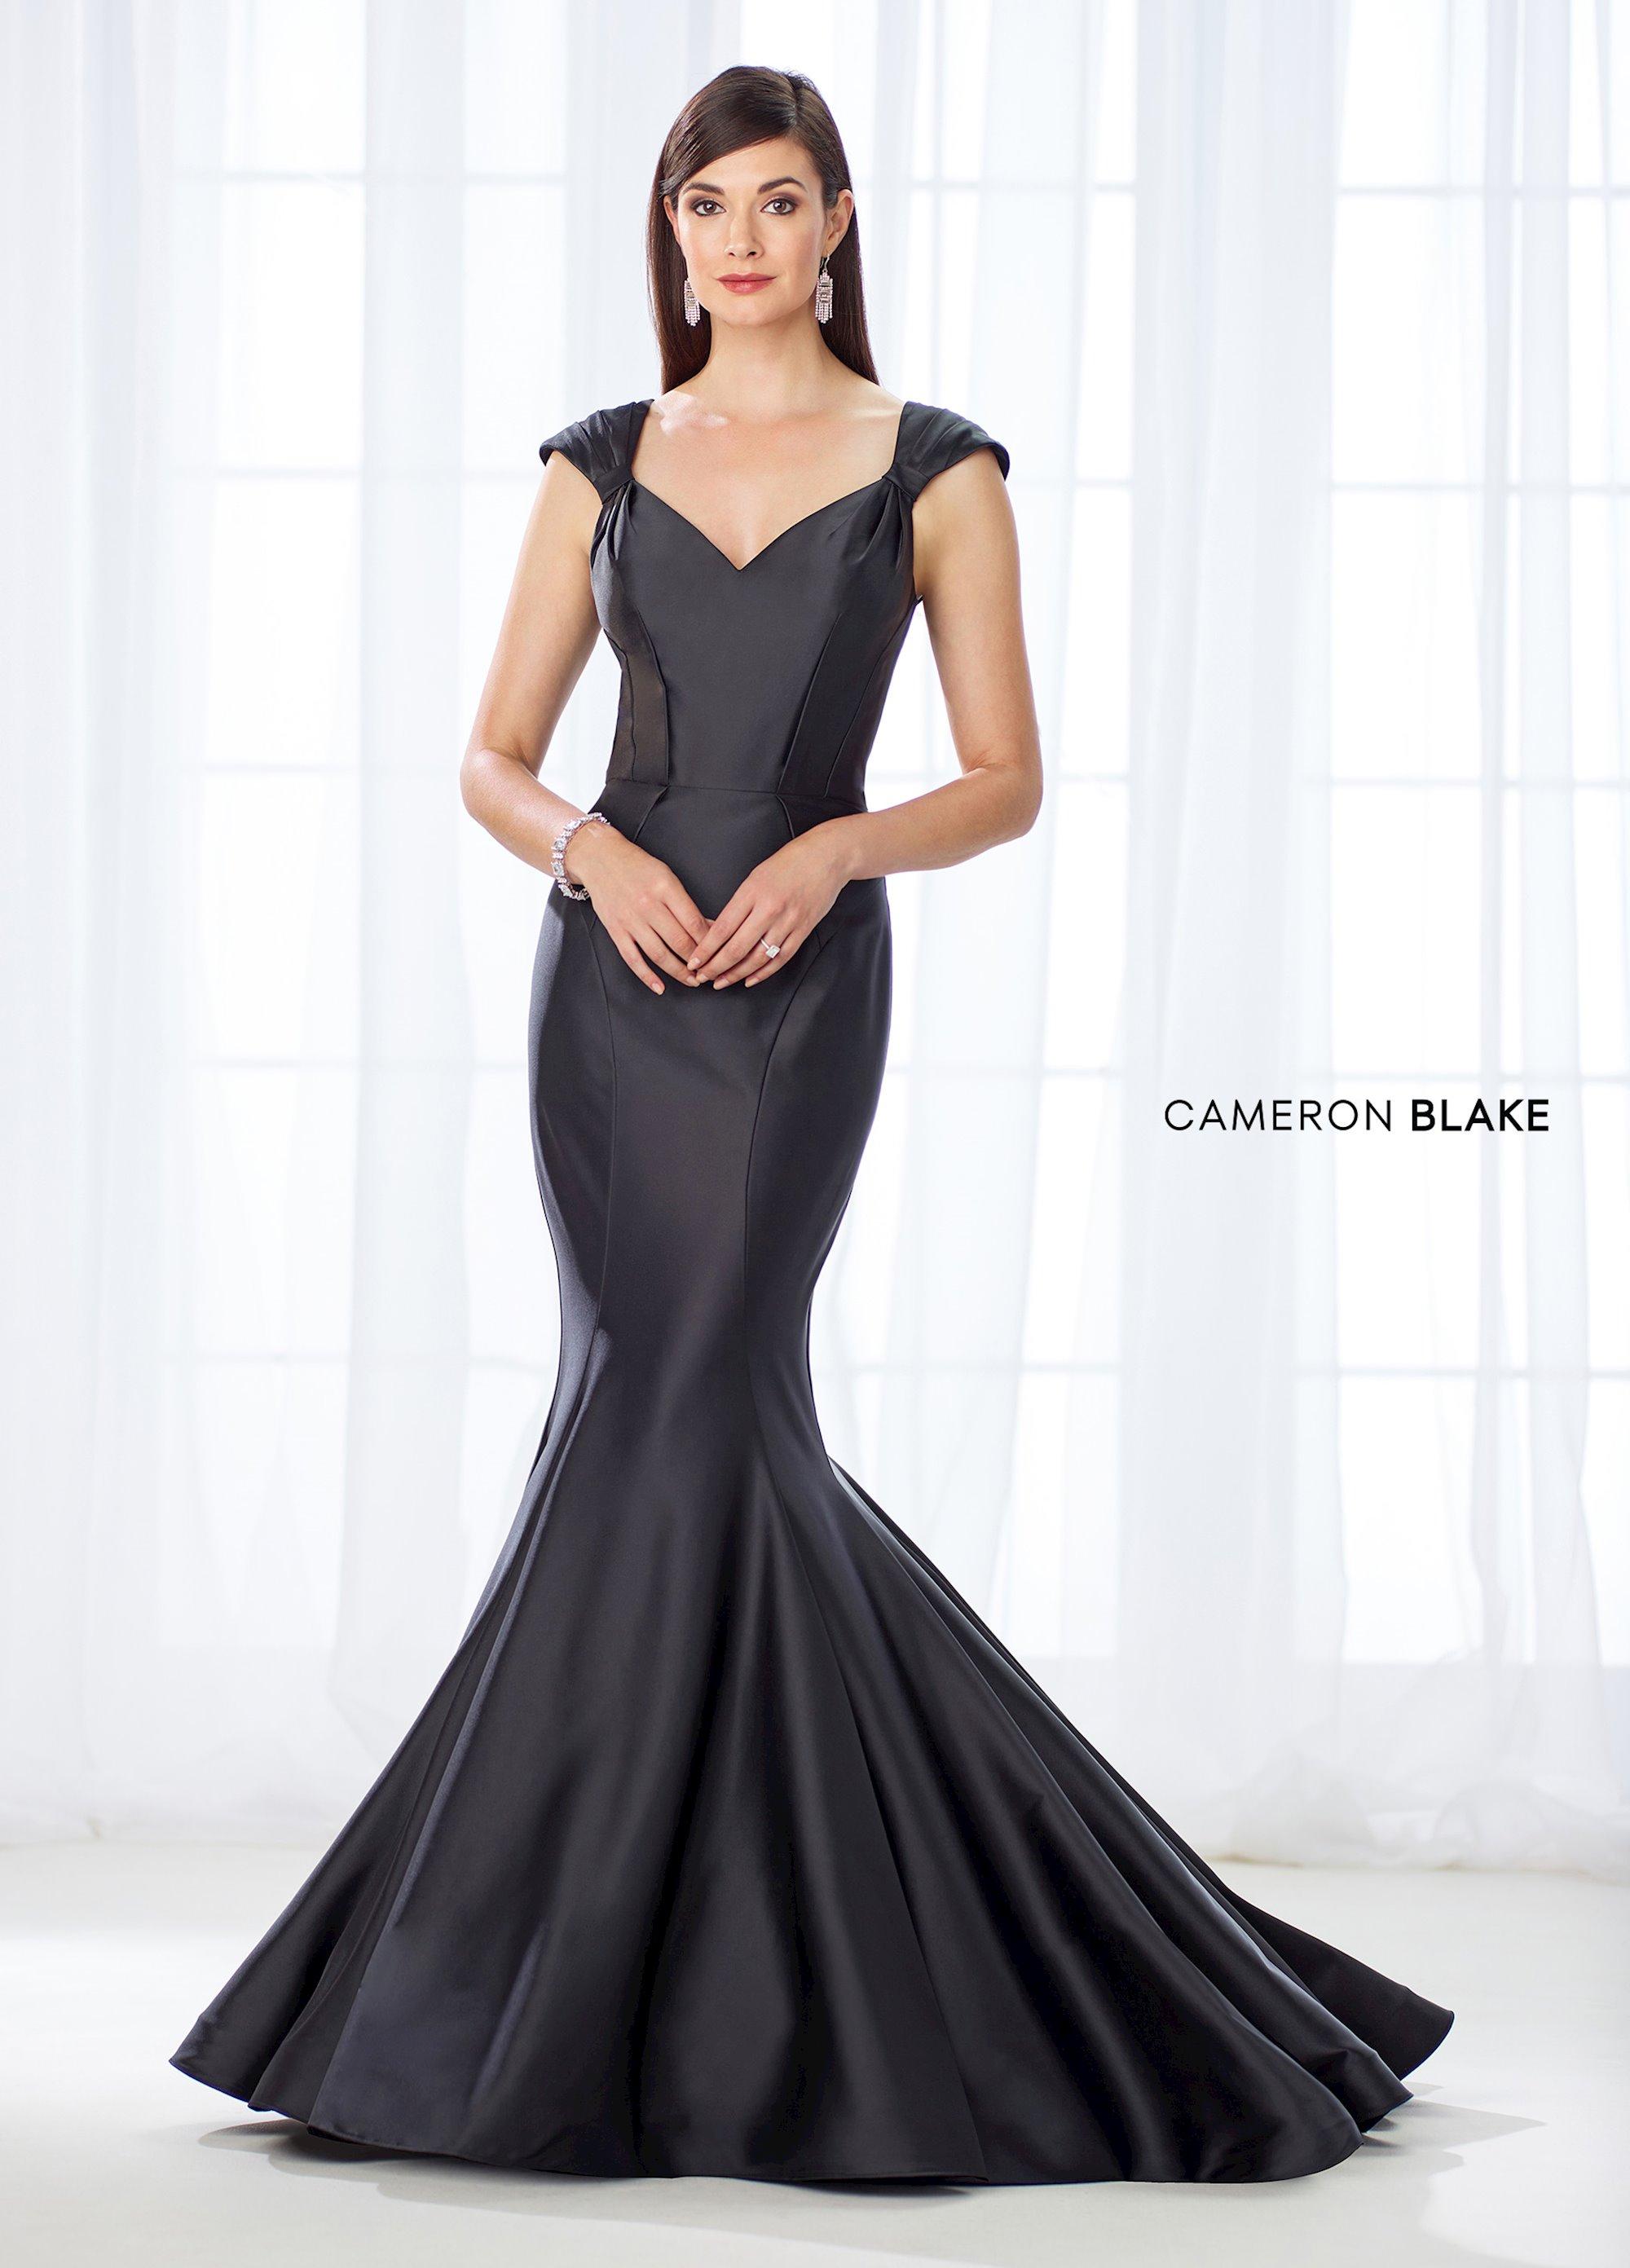 Cameron Blake - 118661 | The White Room Lebanon